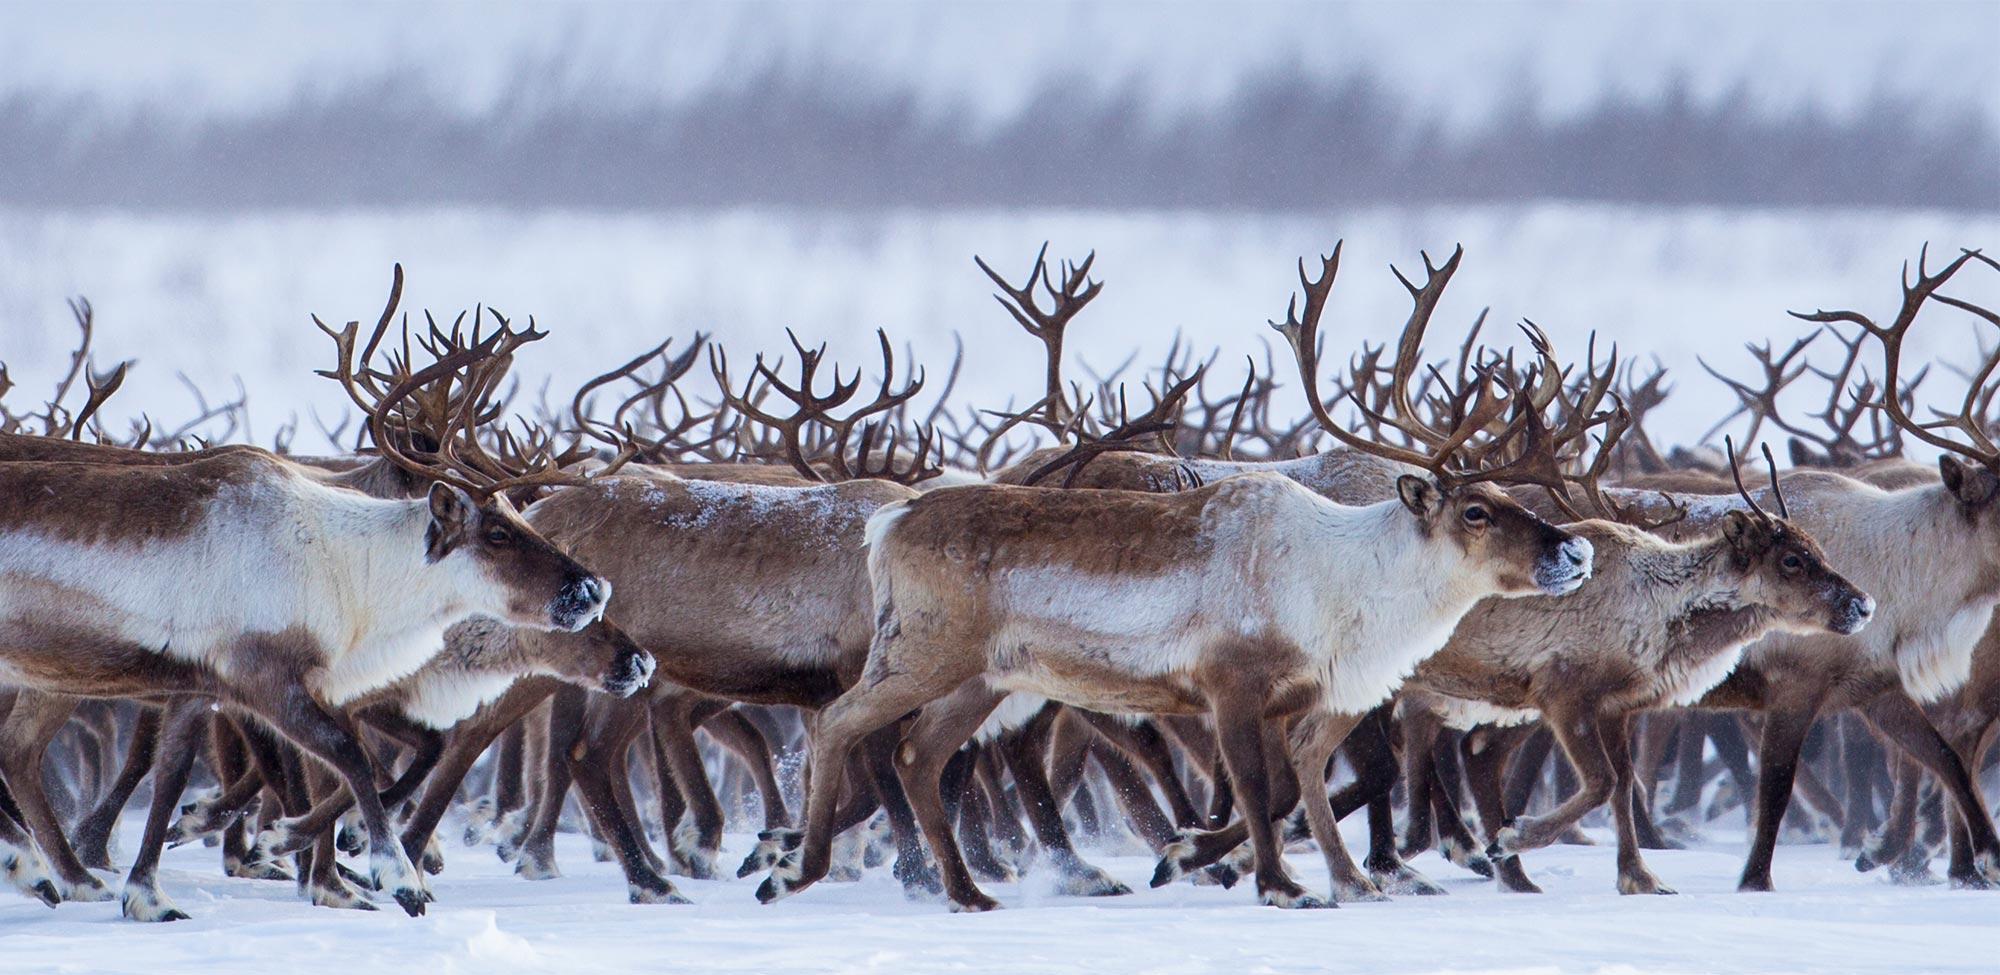 2000x975 > Reindeer Wallpapers